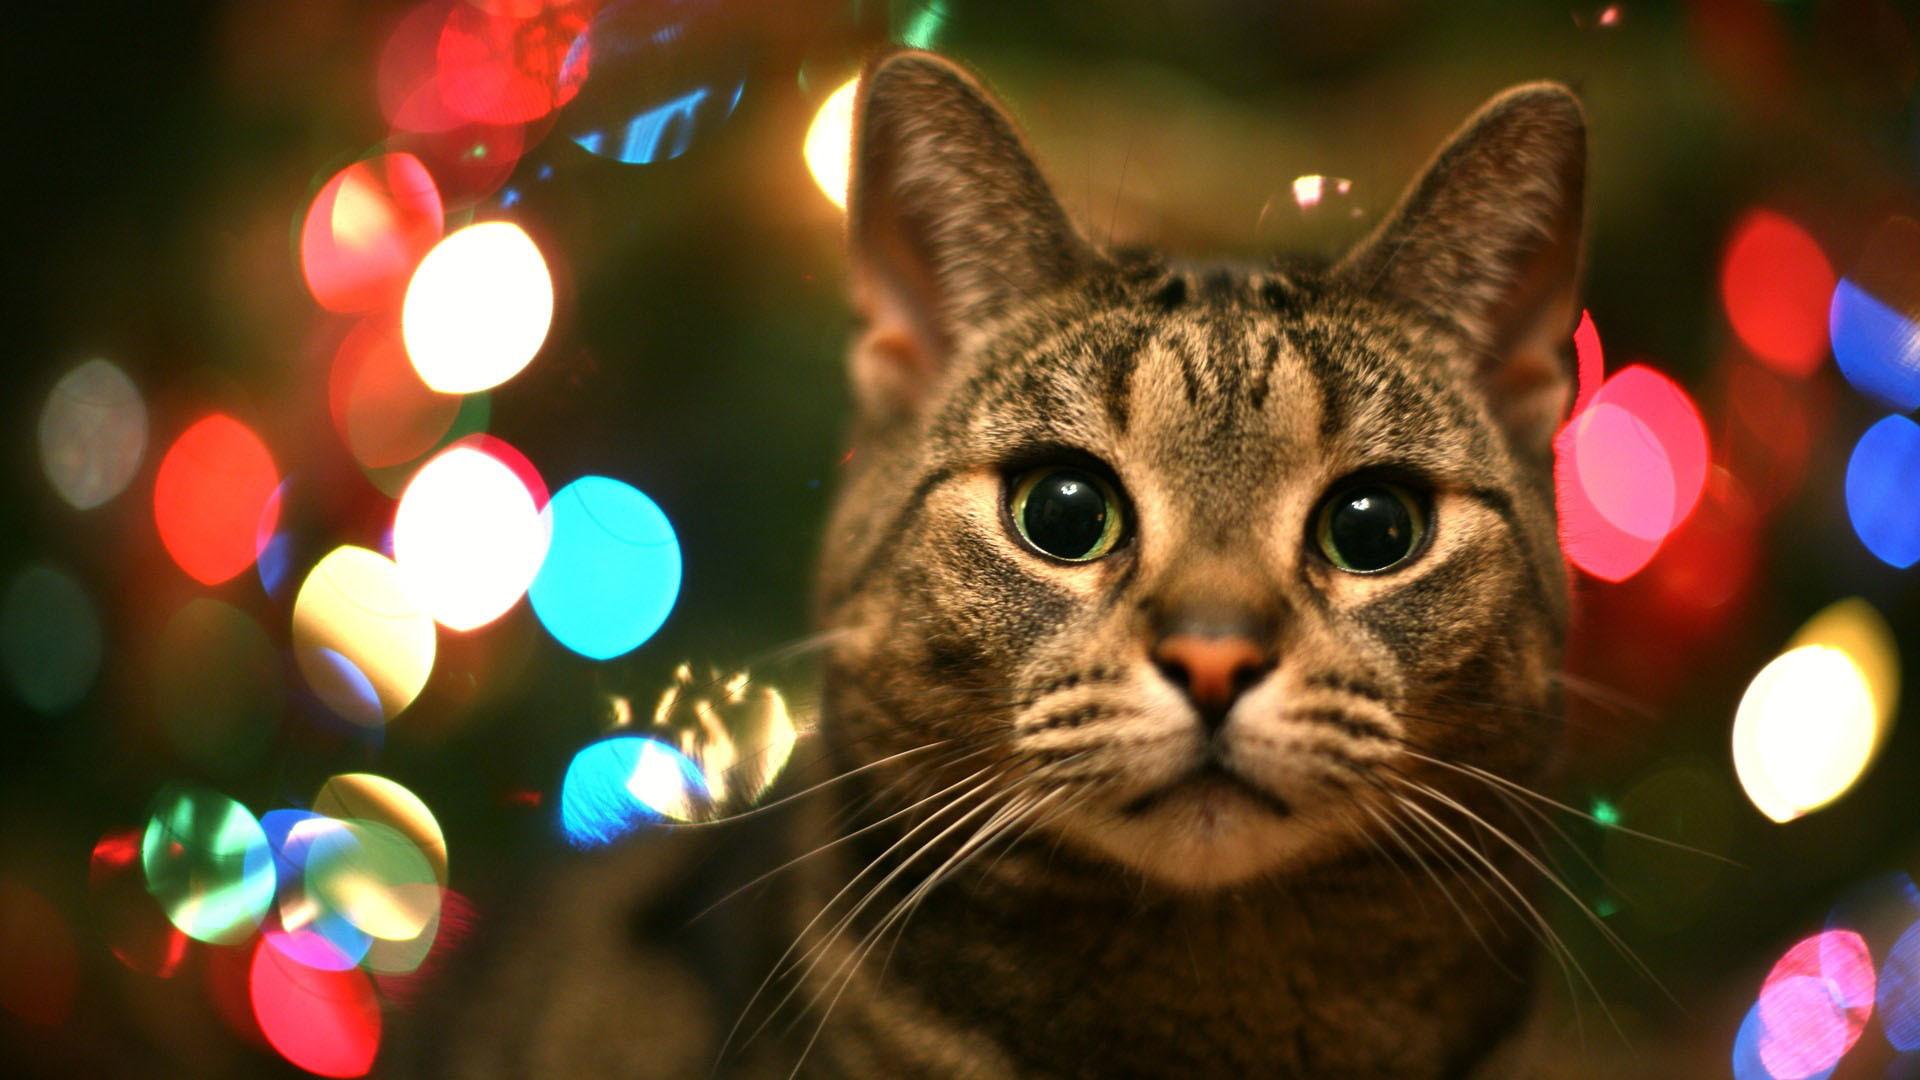 Funny cat in Lights wallpaper